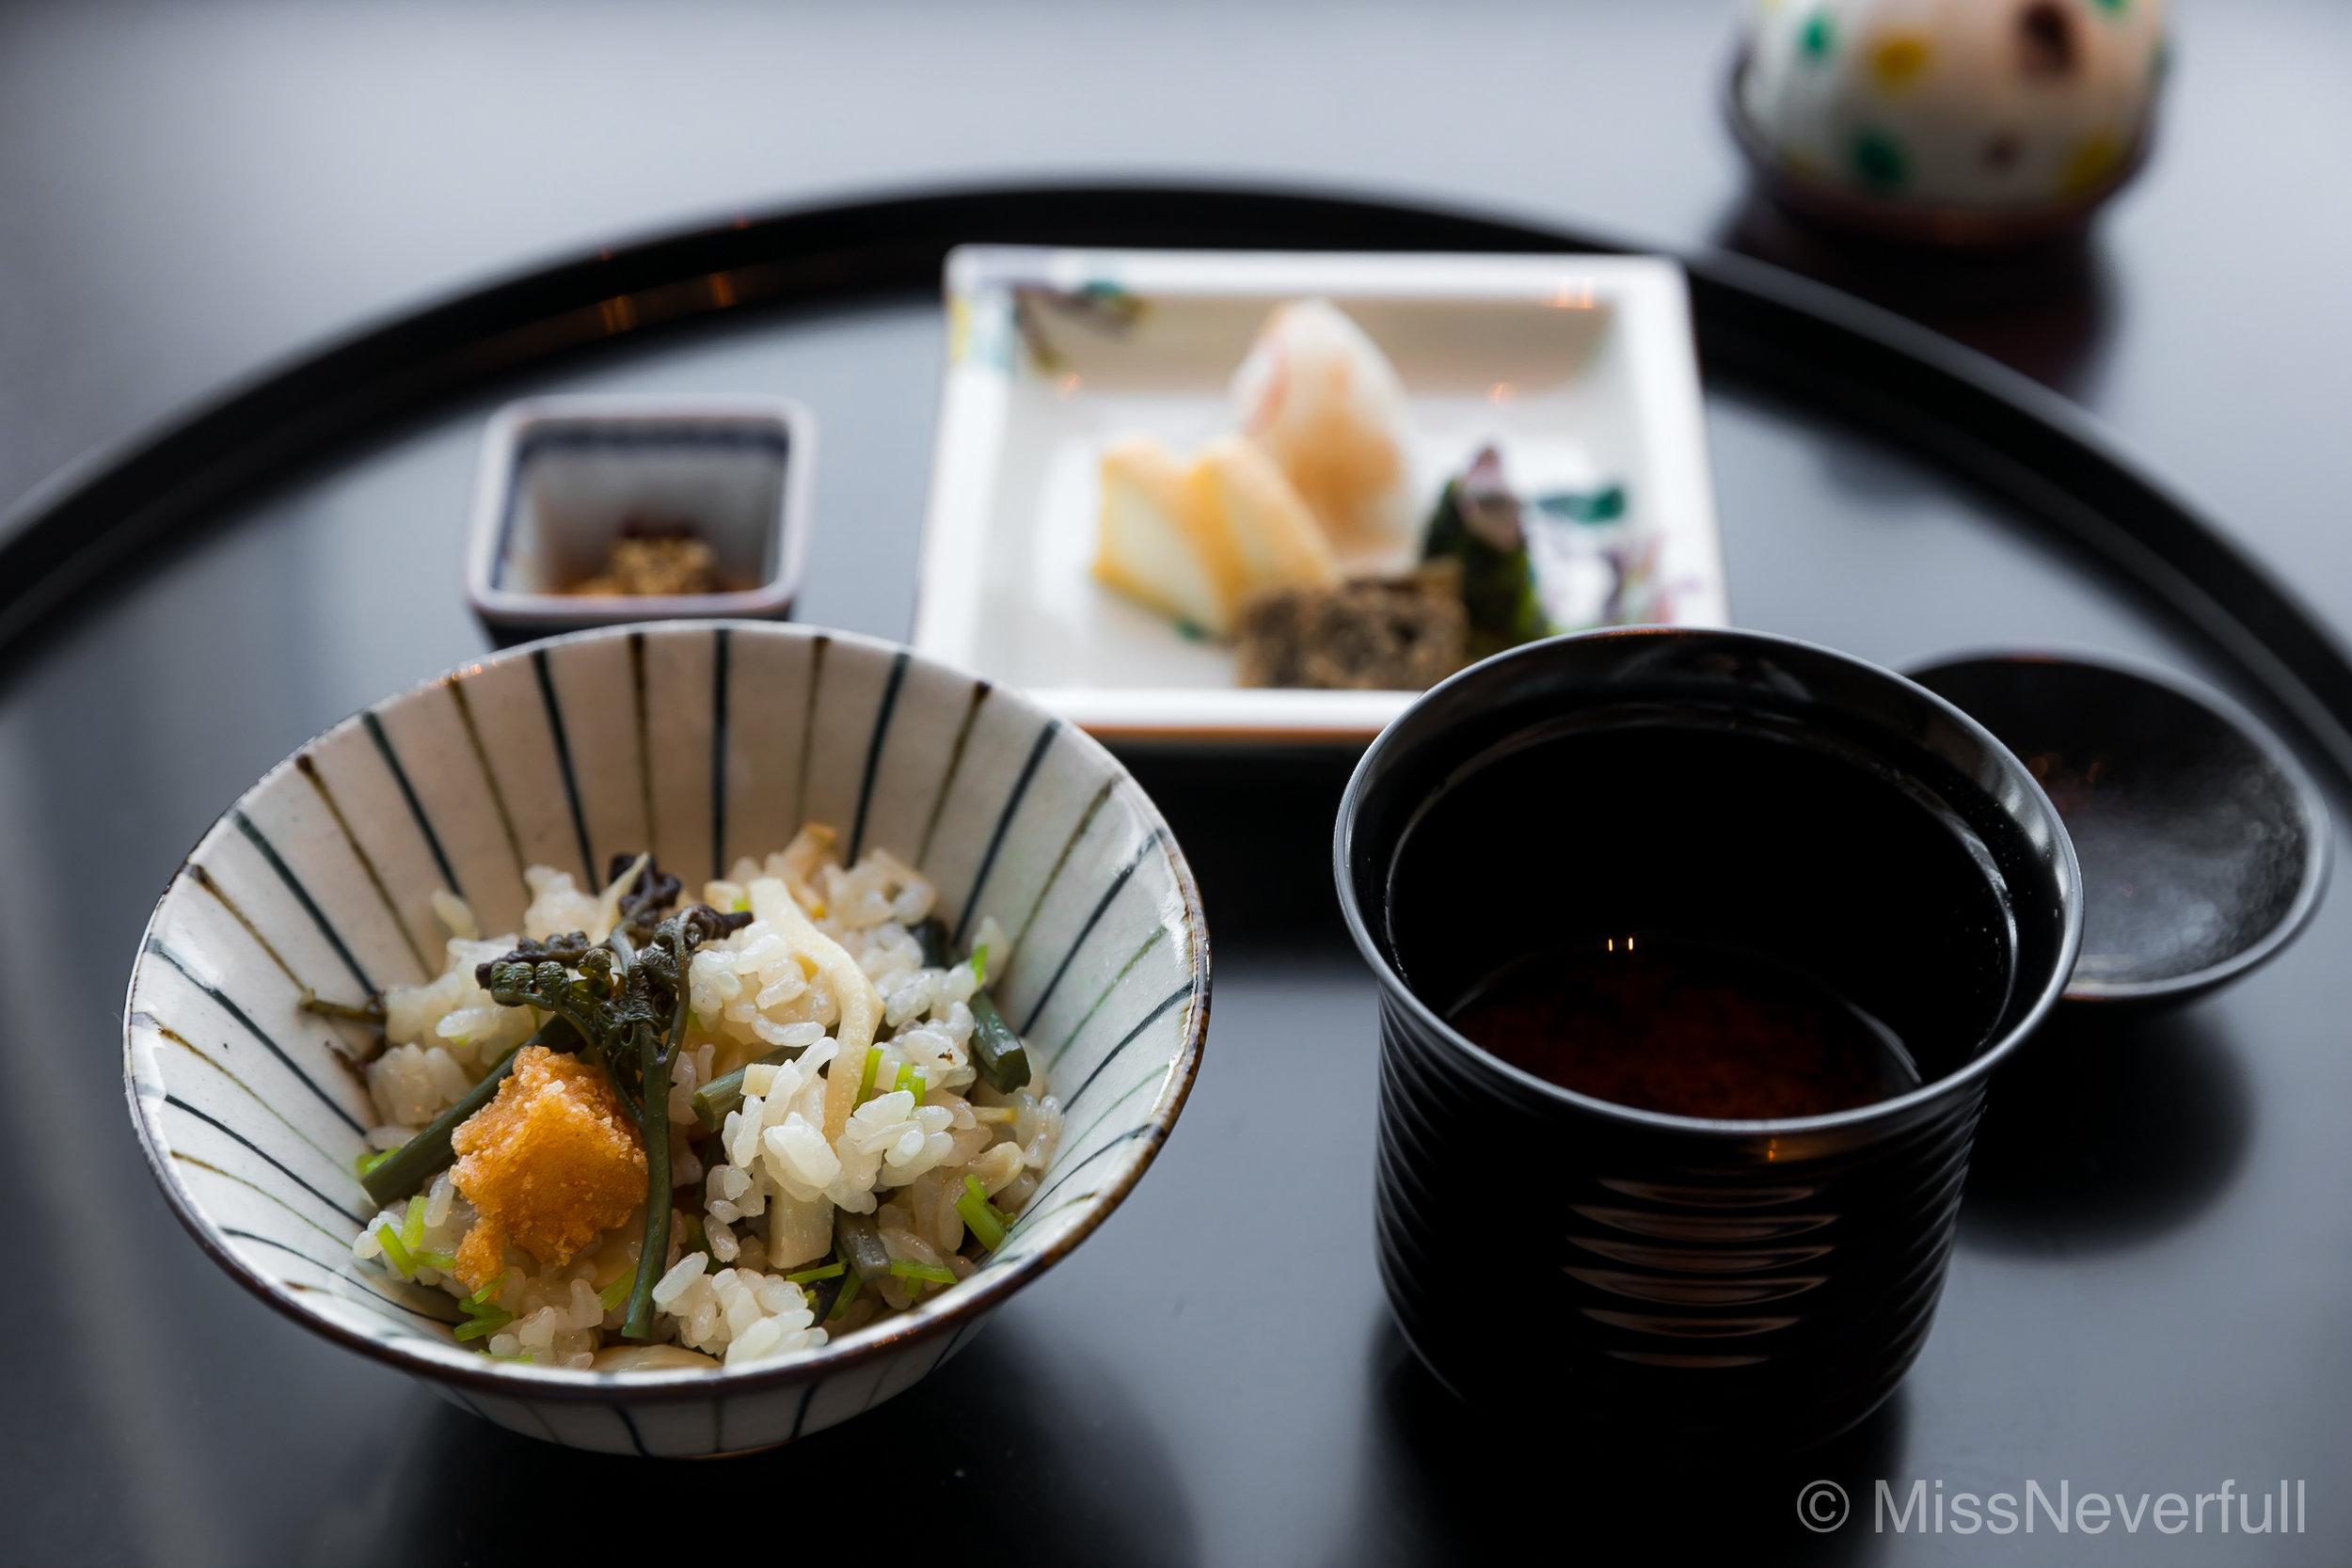 7. 筍と山菜のご飯 | Bamboo and mountain vegetable rice, red miso soup and pickles